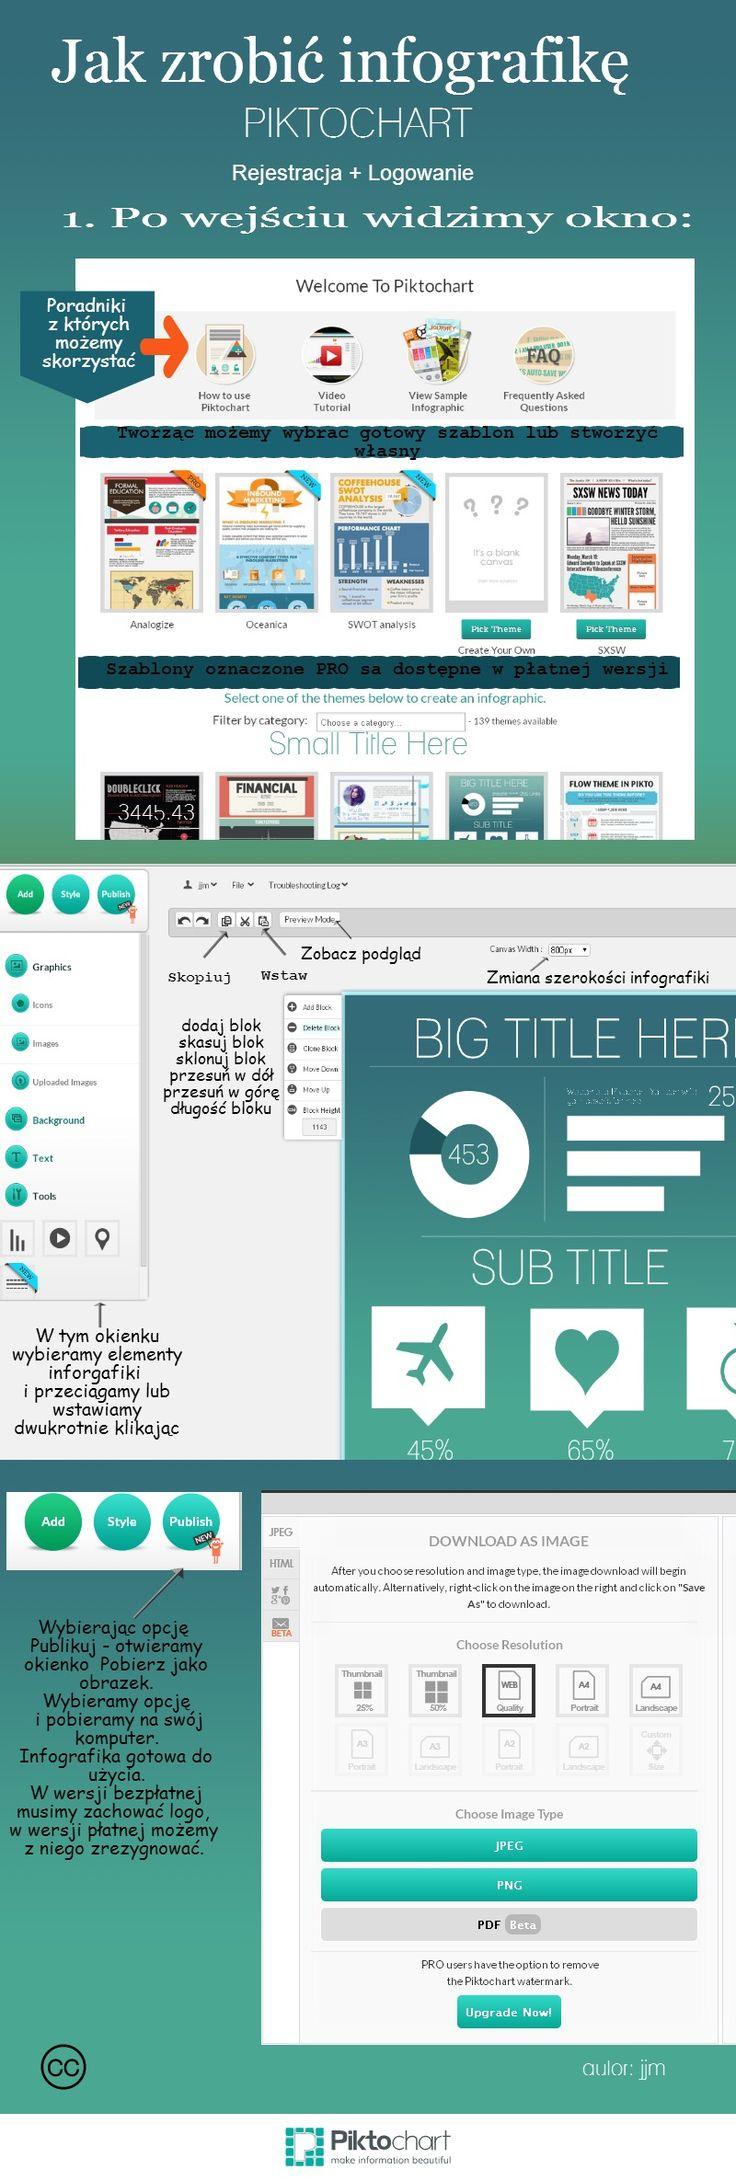 Piktochart – to program w którym on-line możemy stworzyć infografikę. Aby skorzystać należy się zarejestrować.bezpłatne konto ma ograniczenia,ale można stworzyć w nim ciekawą infografikę. Wykorzystałam go, aby przygotować w graficzny sposób instrukcję korzystania. Ma ona pomóc uczniom realizującym projekt Web Questa.